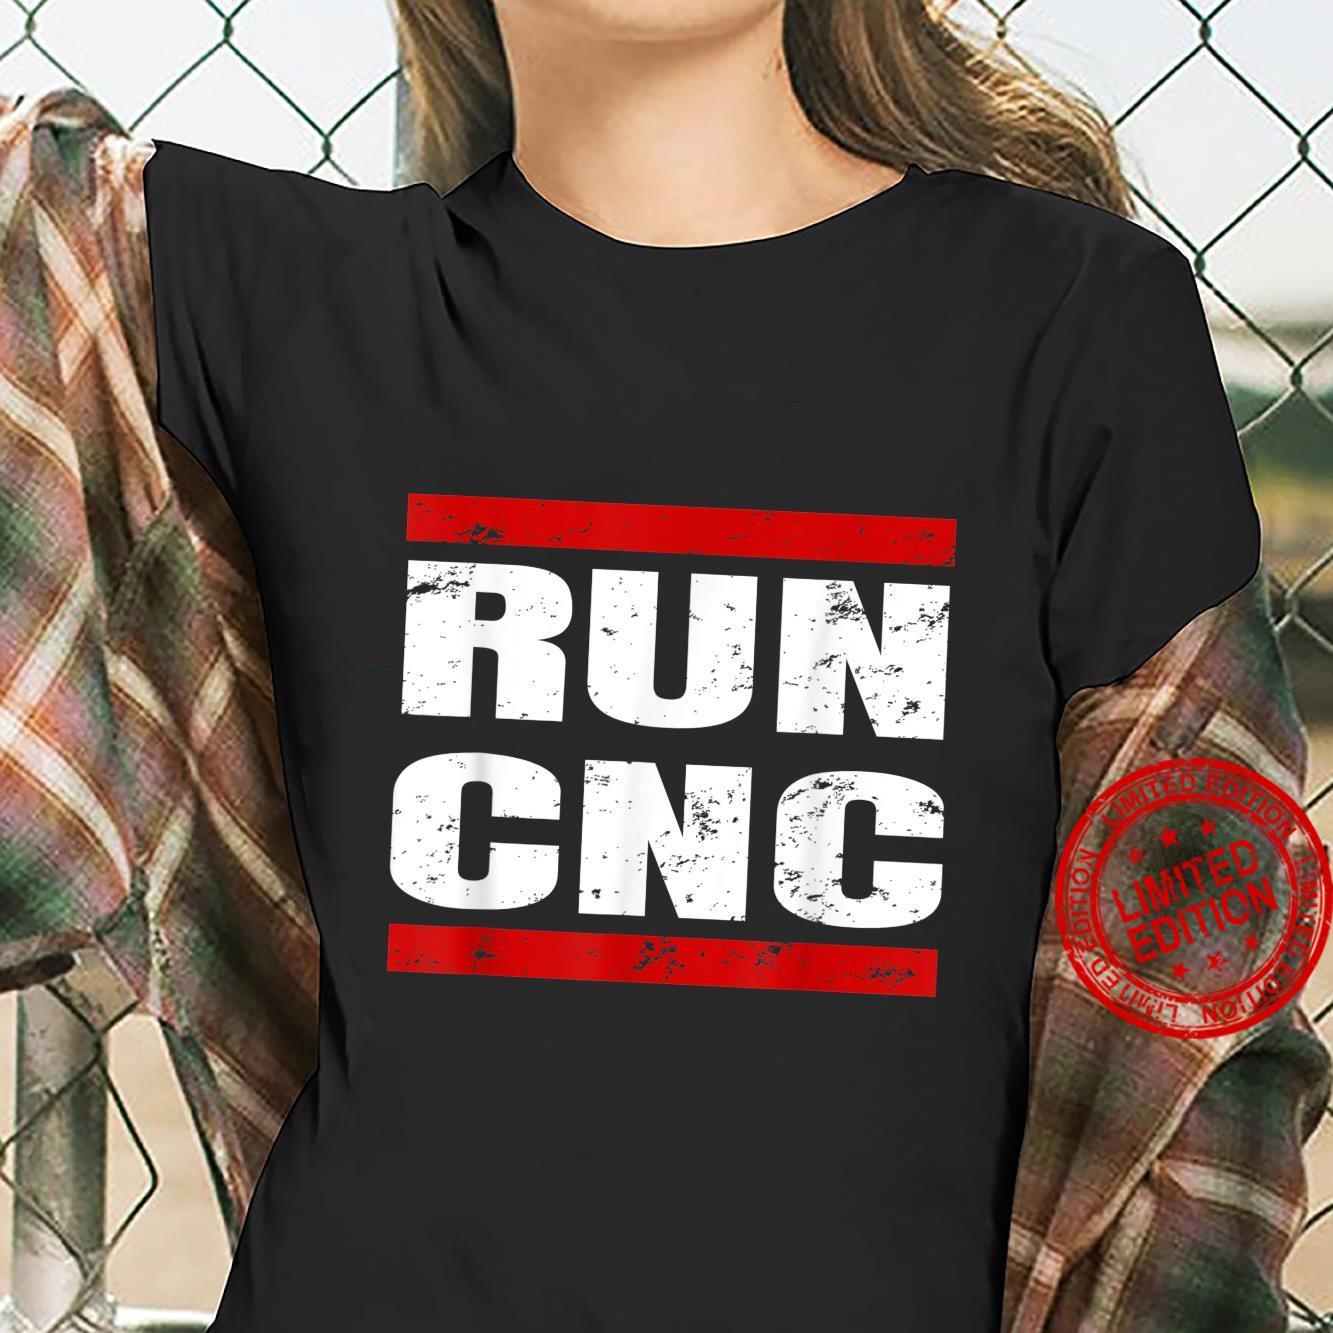 RUN CNC Zerspanungsmechaniker CNC Fräser Programmierer Shirt ladies tee